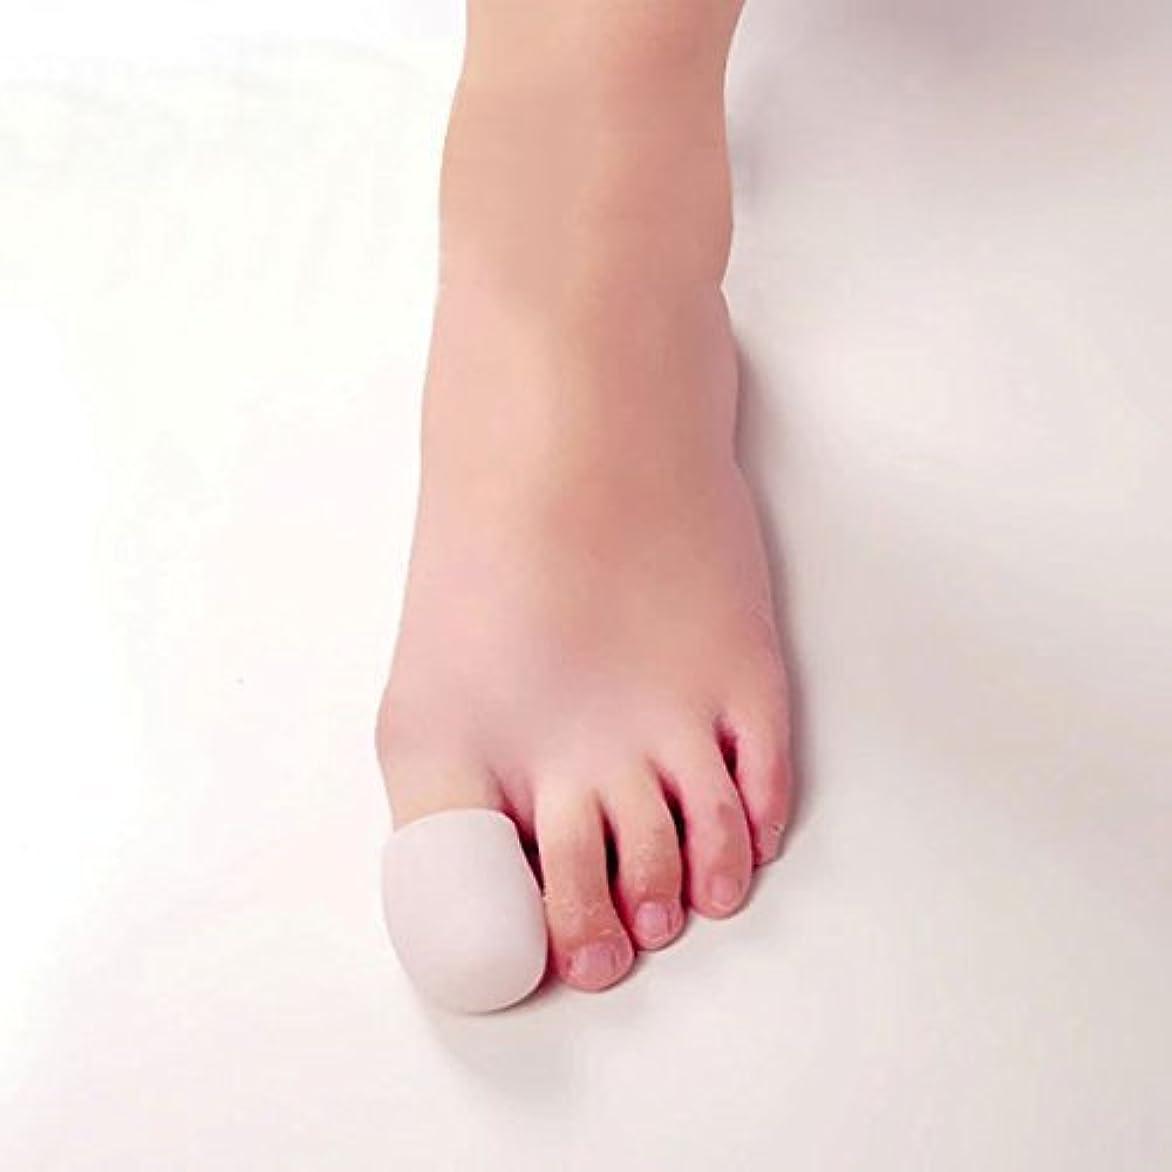 放棄されたかすかな証人Hongch 1Pairホワイトシリコーンゲル 毎日のためにトウモロコシCalluse 保護足の親指キャップ ソフトクッションつま先プロテクター防止水疱